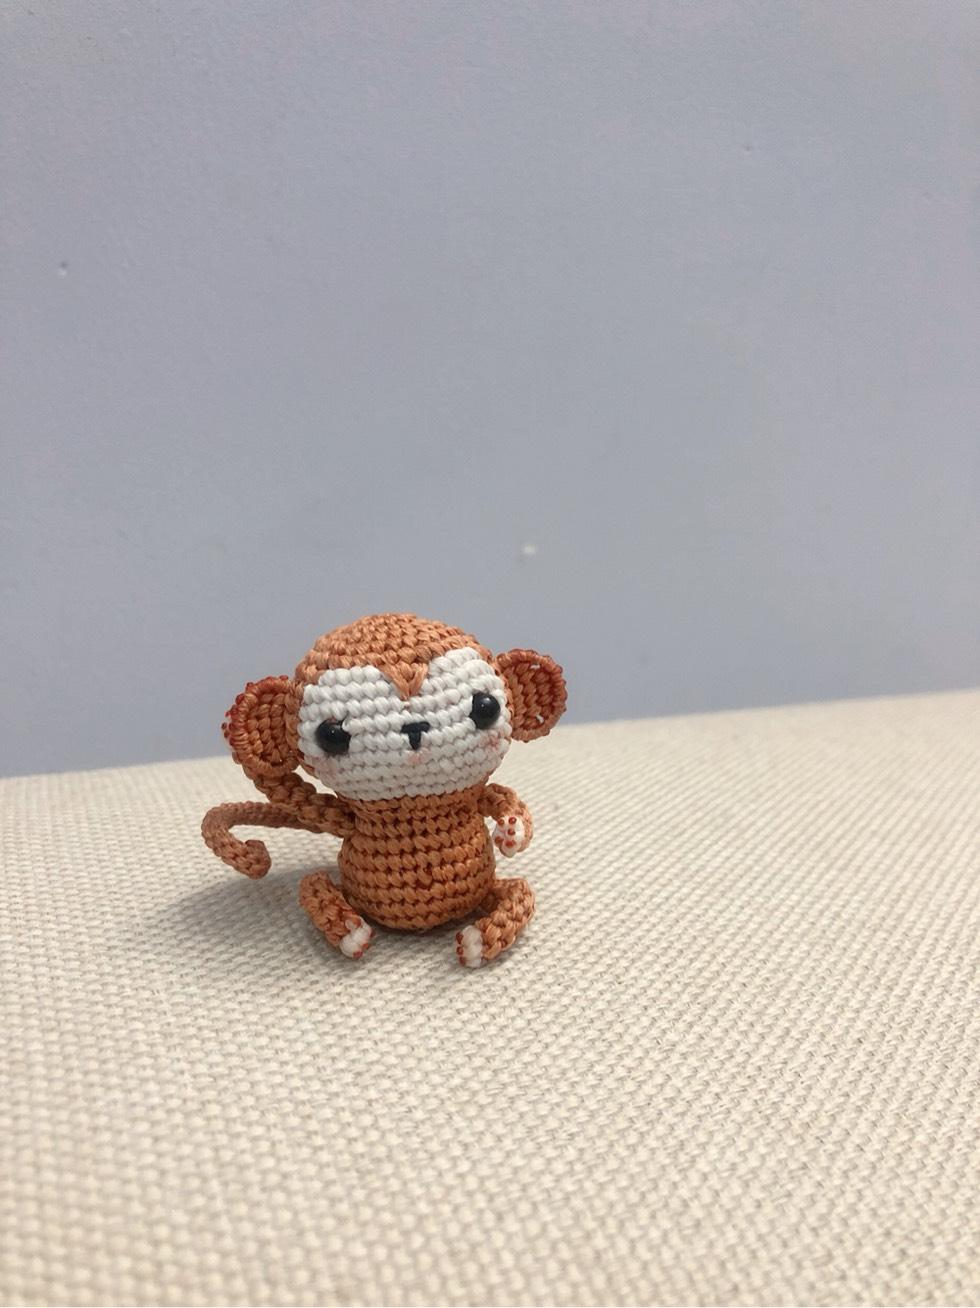 中国结论坛 十二生肖-猴几 十二生肖猴的来历简短,十二生肖猴的寓意 作品展示 180504g1t1kkwkpylwtoye